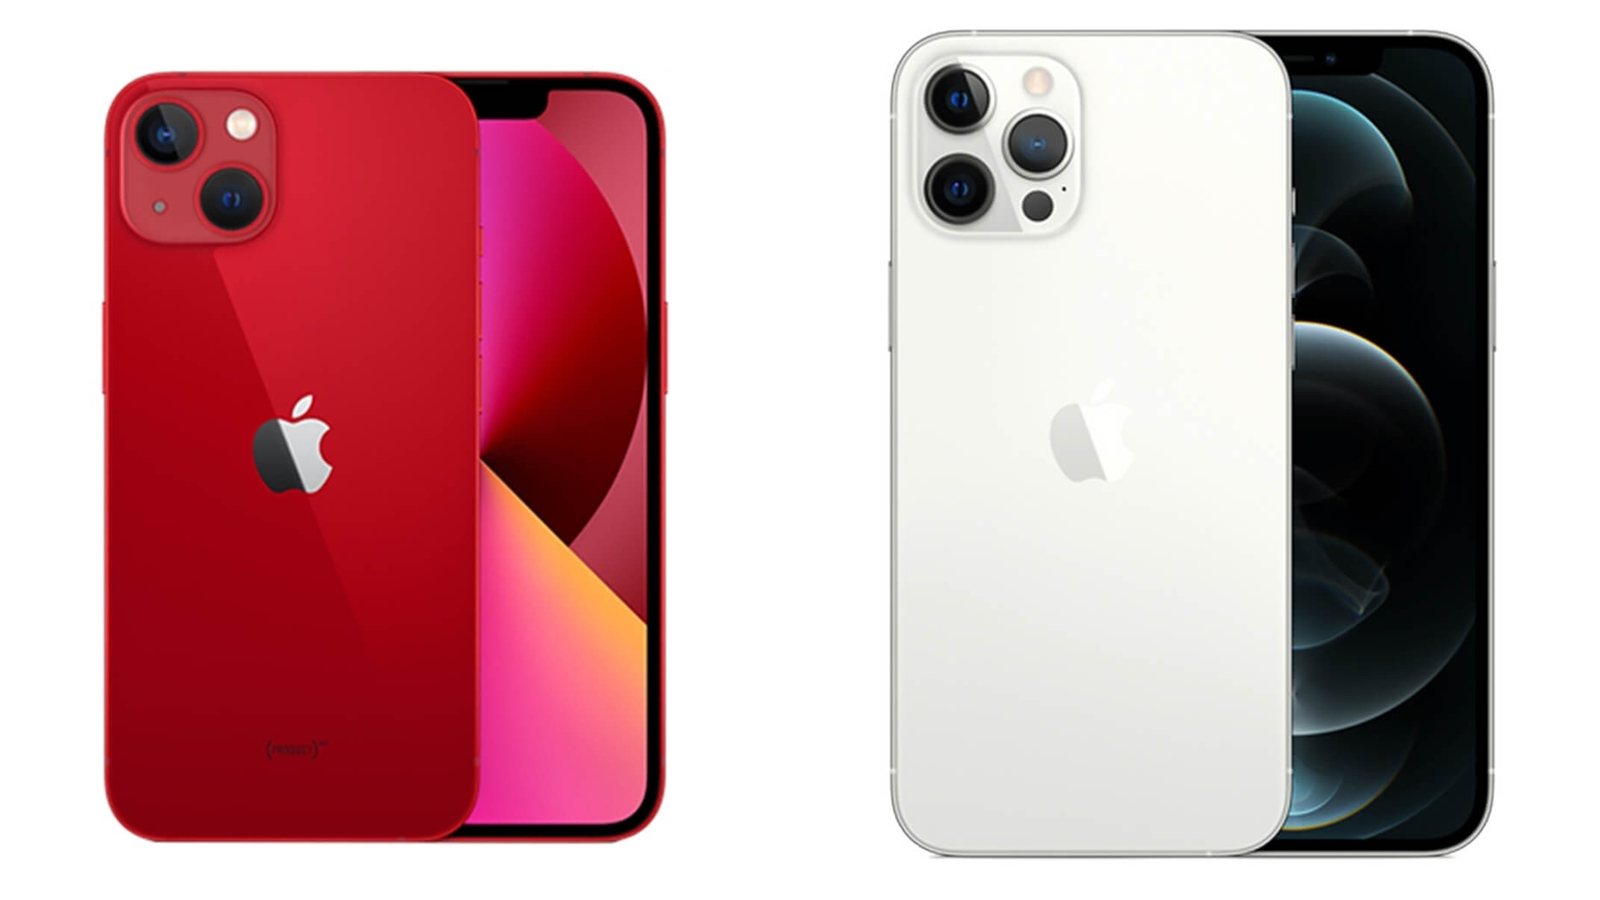 【機型比較】iPhone 13 mini 對上12 Pro Max該怎麼選擇?不同差異為何?哪裡買最便宜?